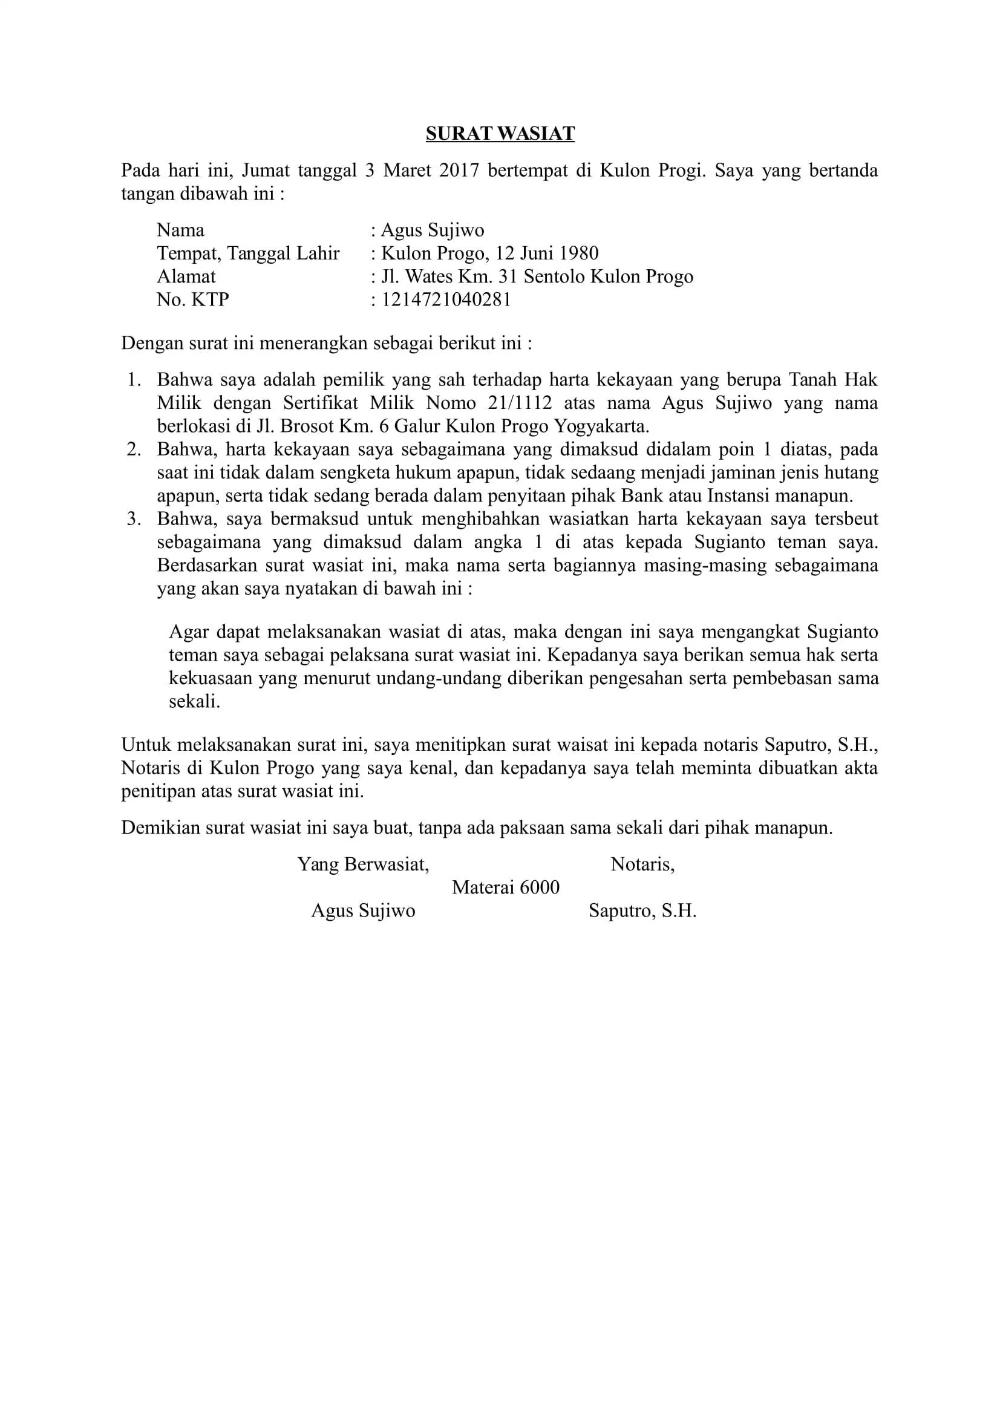 Contoh Surat Wasiat Informasi seputar dunia Militer dan